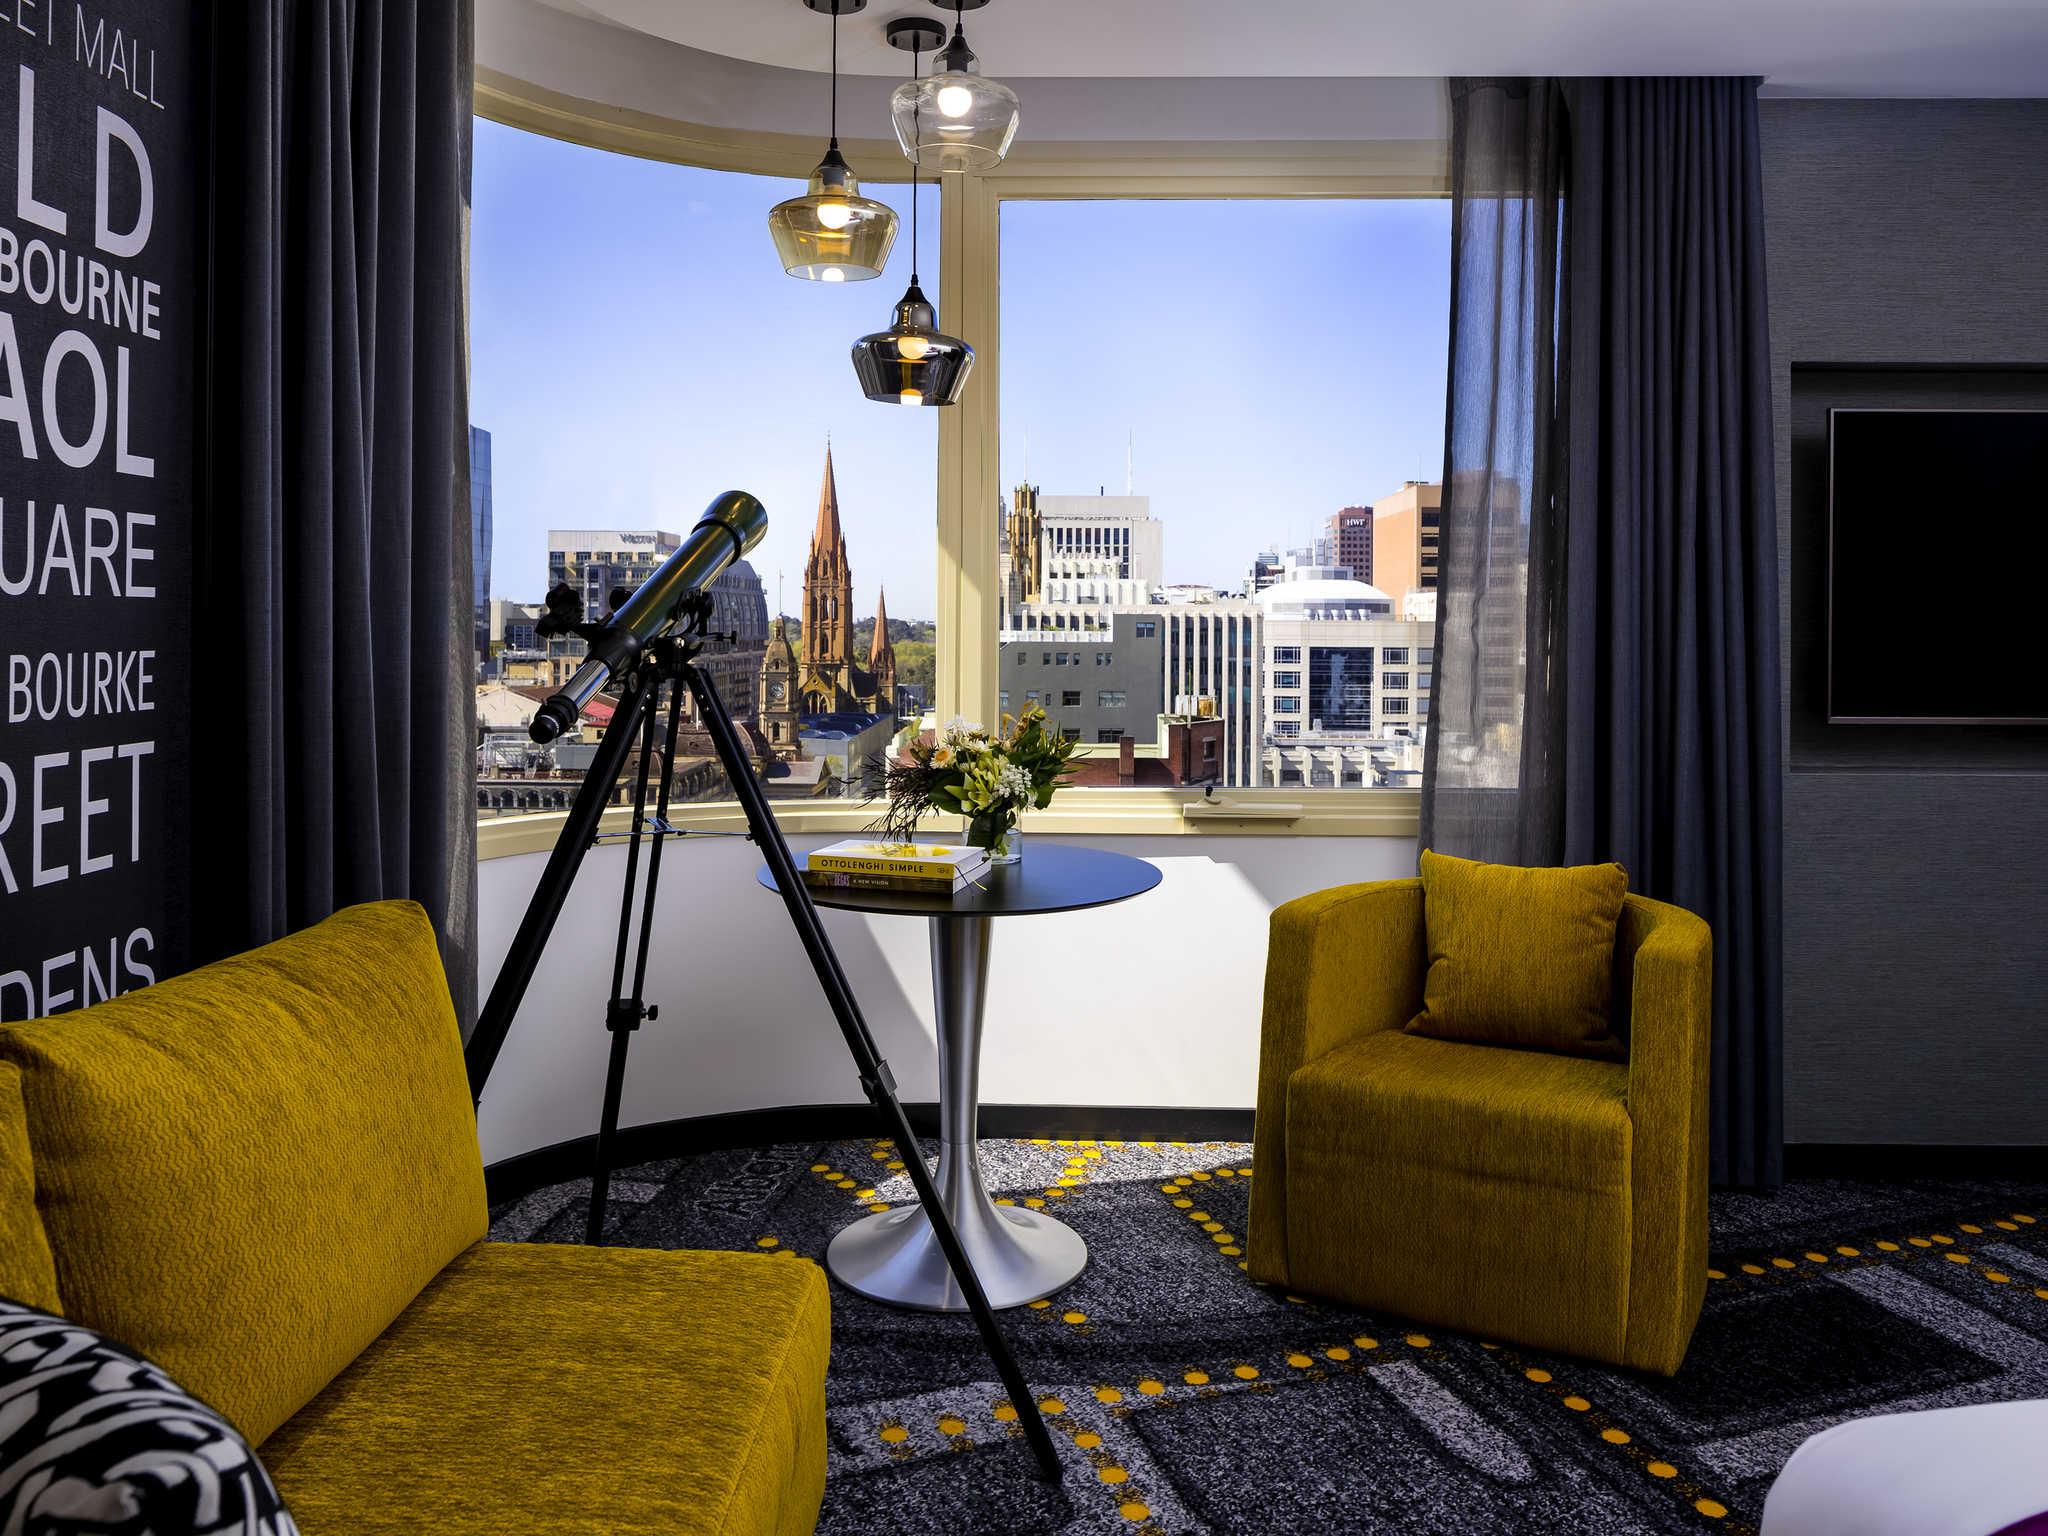 فندق - The Swanston Hotel Melbourne Grand Mercure